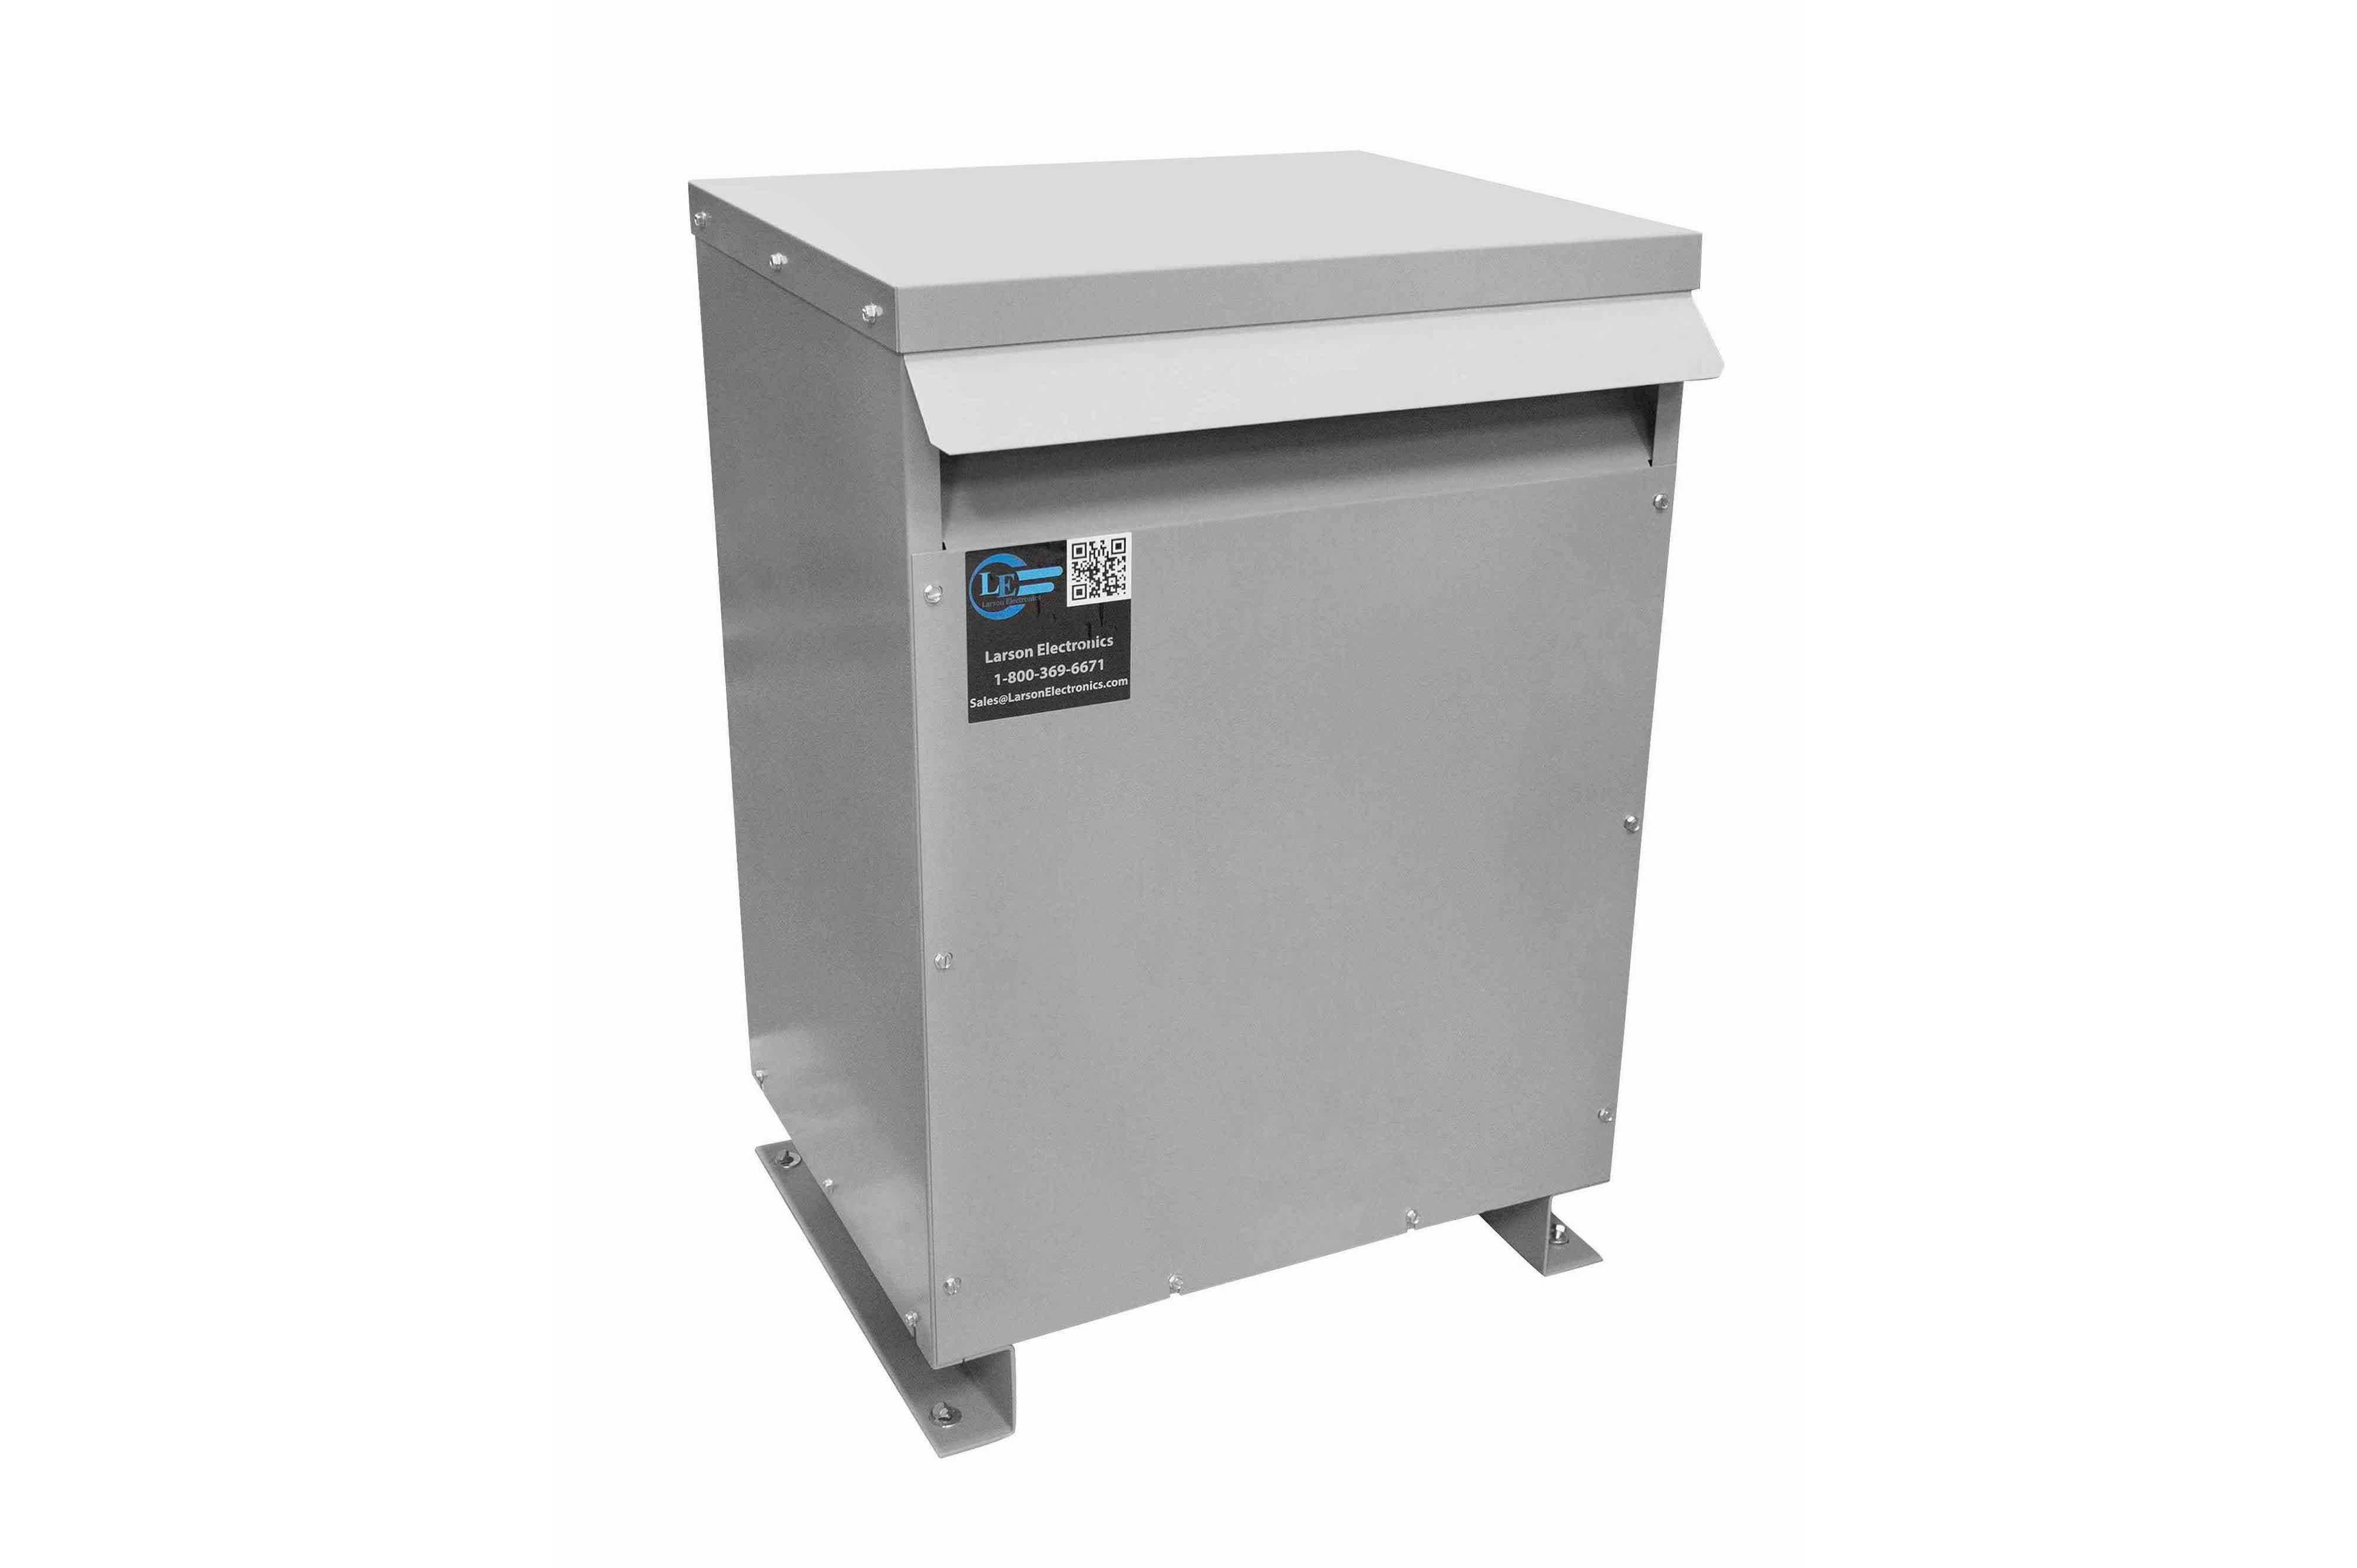 45 kVA 3PH Isolation Transformer, 575V Delta Primary, 380V Delta Secondary, N3R, Ventilated, 60 Hz